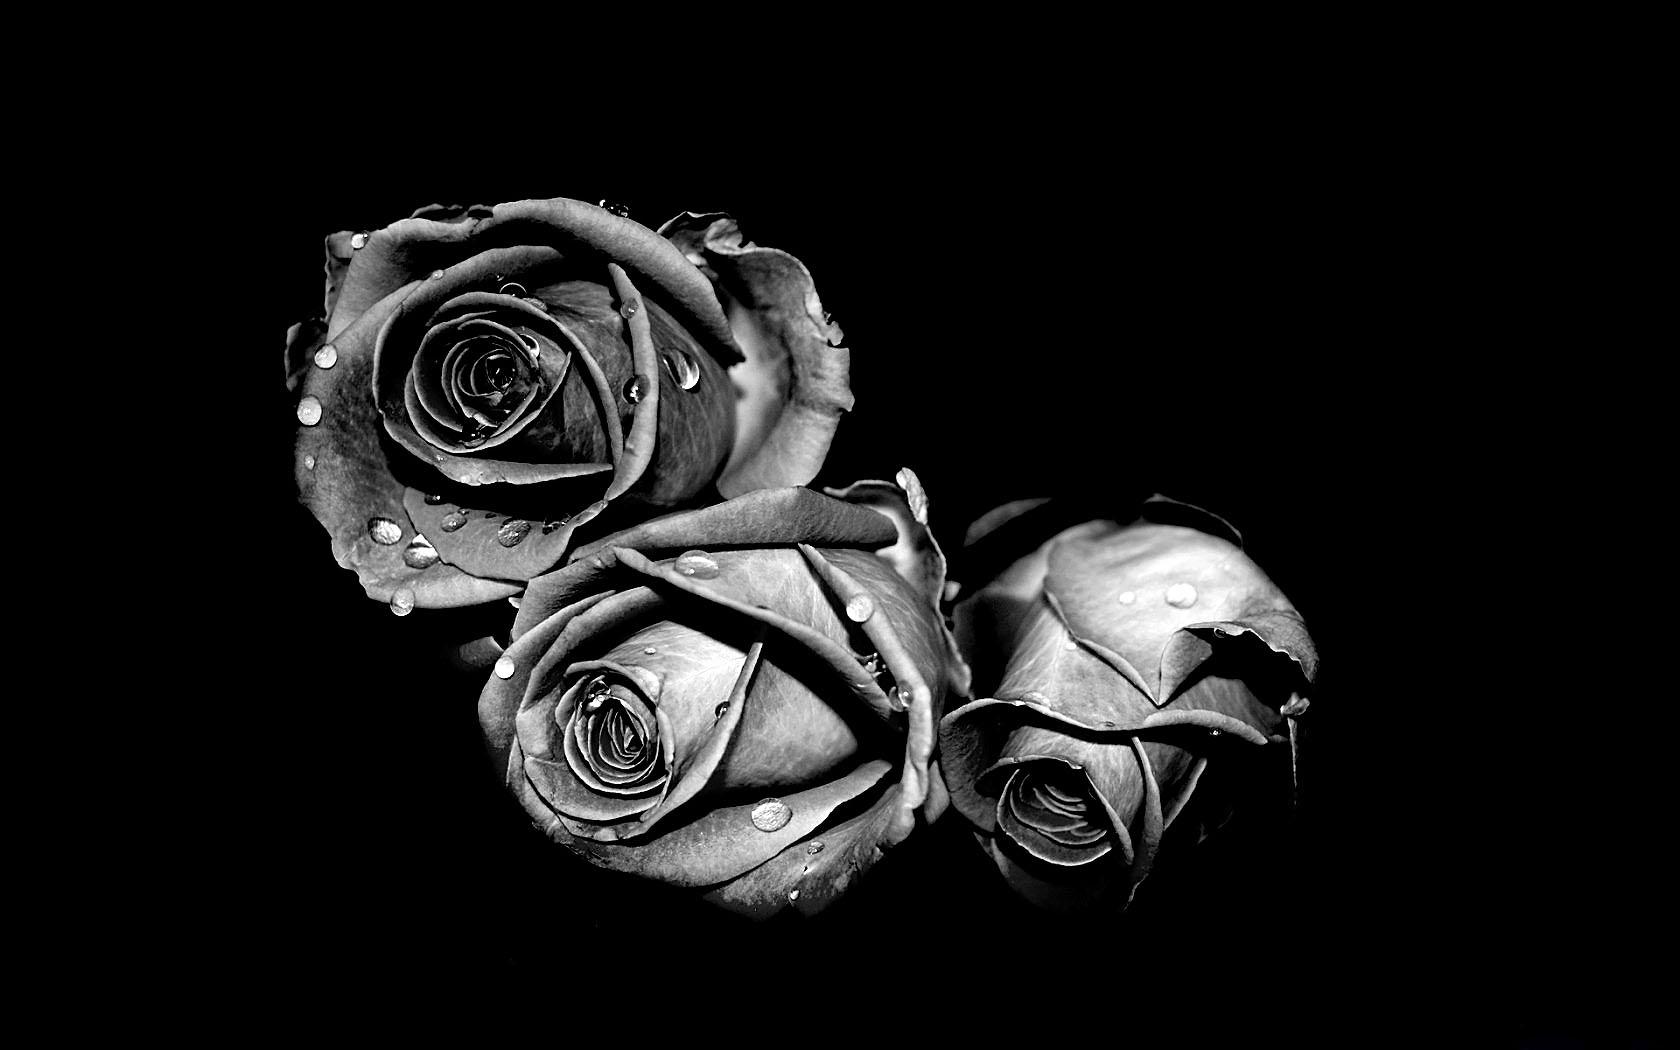 37570 скачать обои Растения, Цветы, Розы - заставки и картинки бесплатно